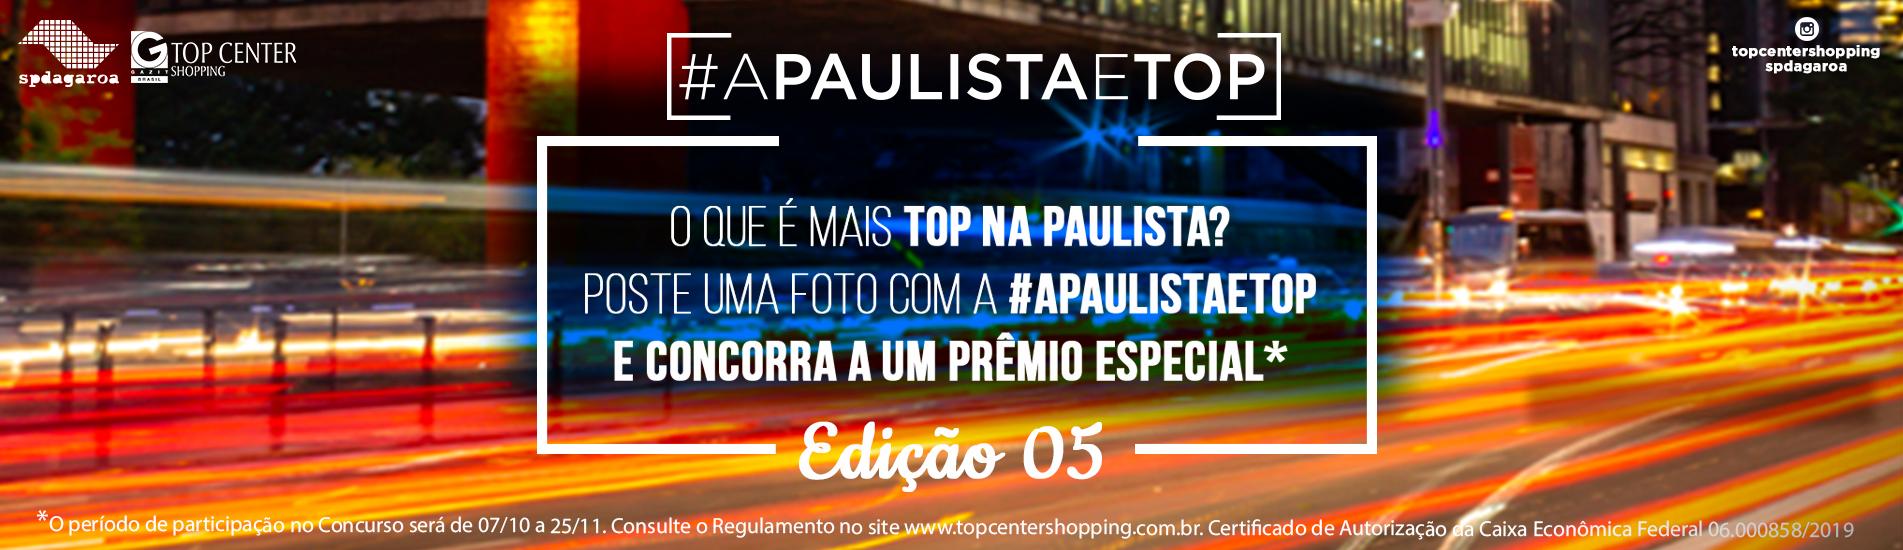 A Paulista é Top - Edição 05